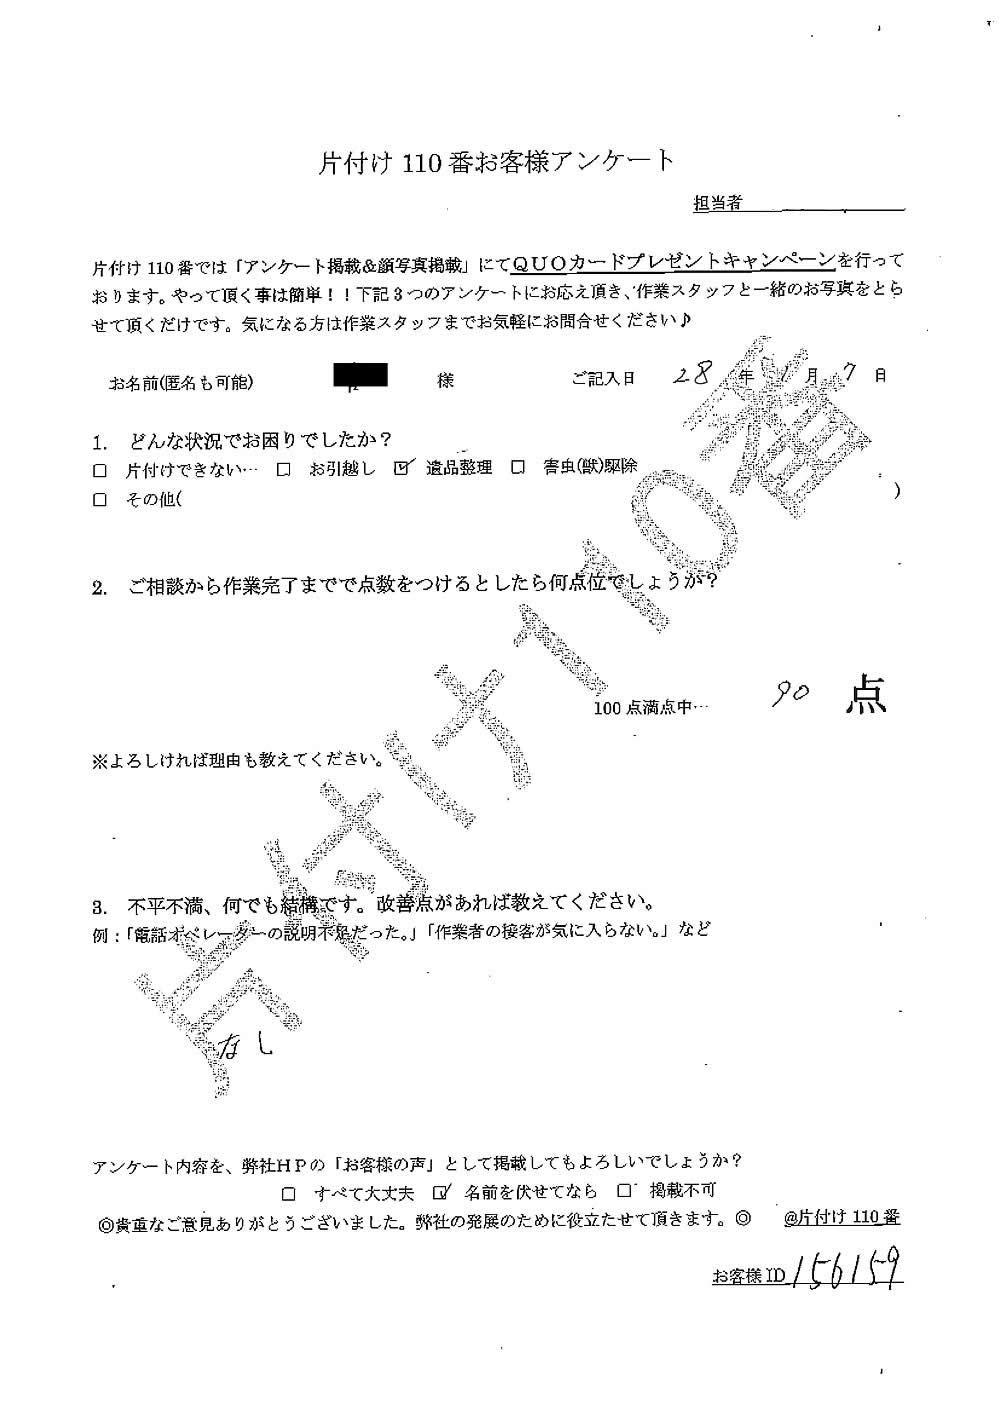 【横浜市】遺品整理に伴うお仏壇と大量の不用品の回収ご依頼 お客様の声